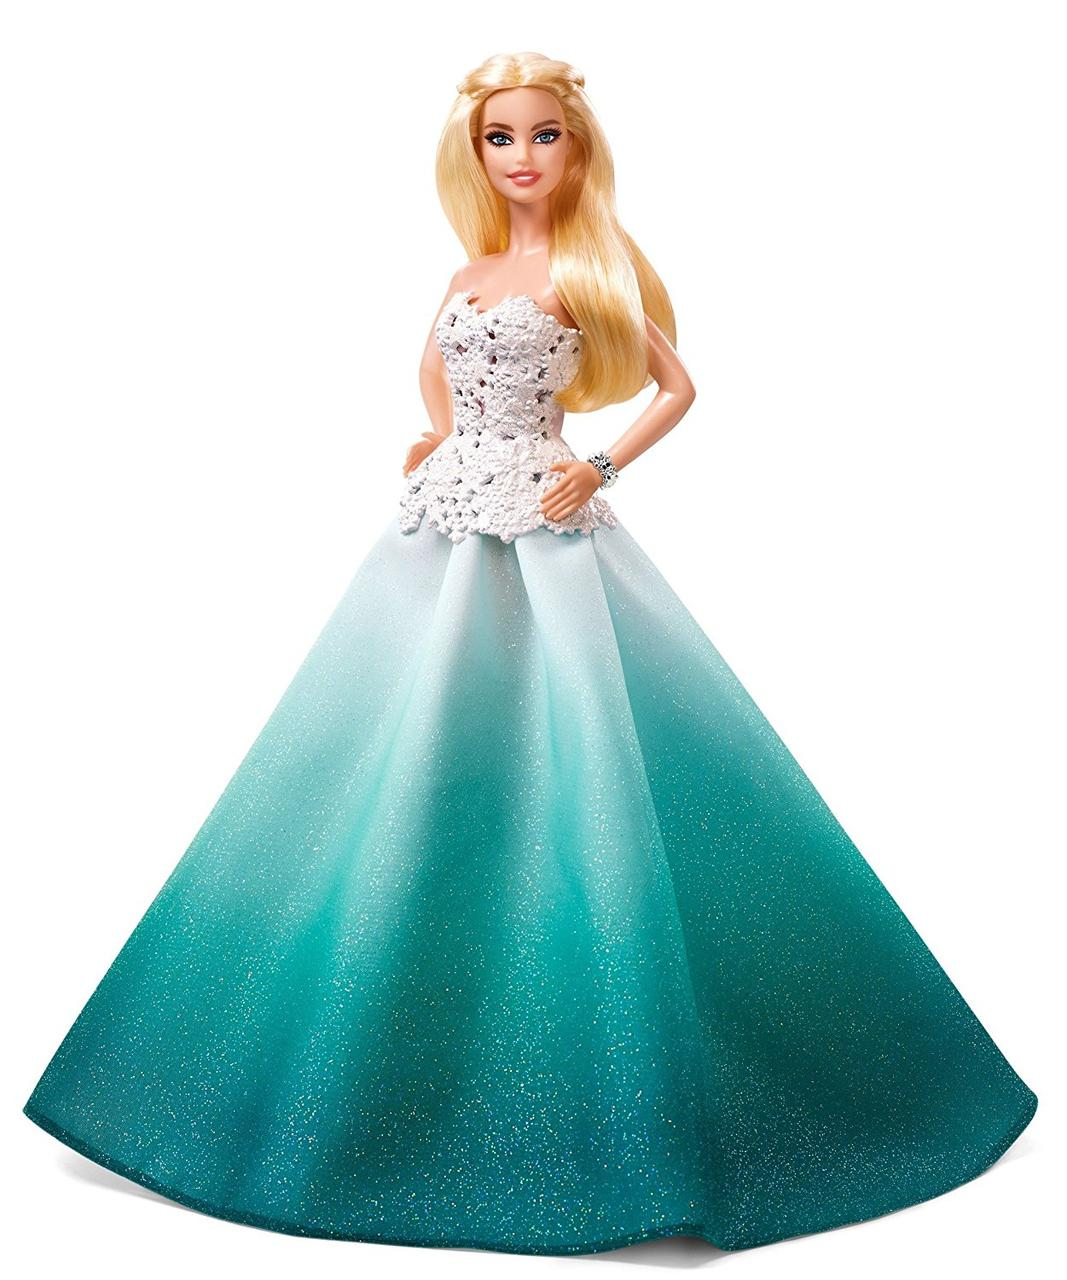 Кукла Барби Barbie коллекционная Праздничная в аква зеленом платье Barbie Holiday Doll DGX98